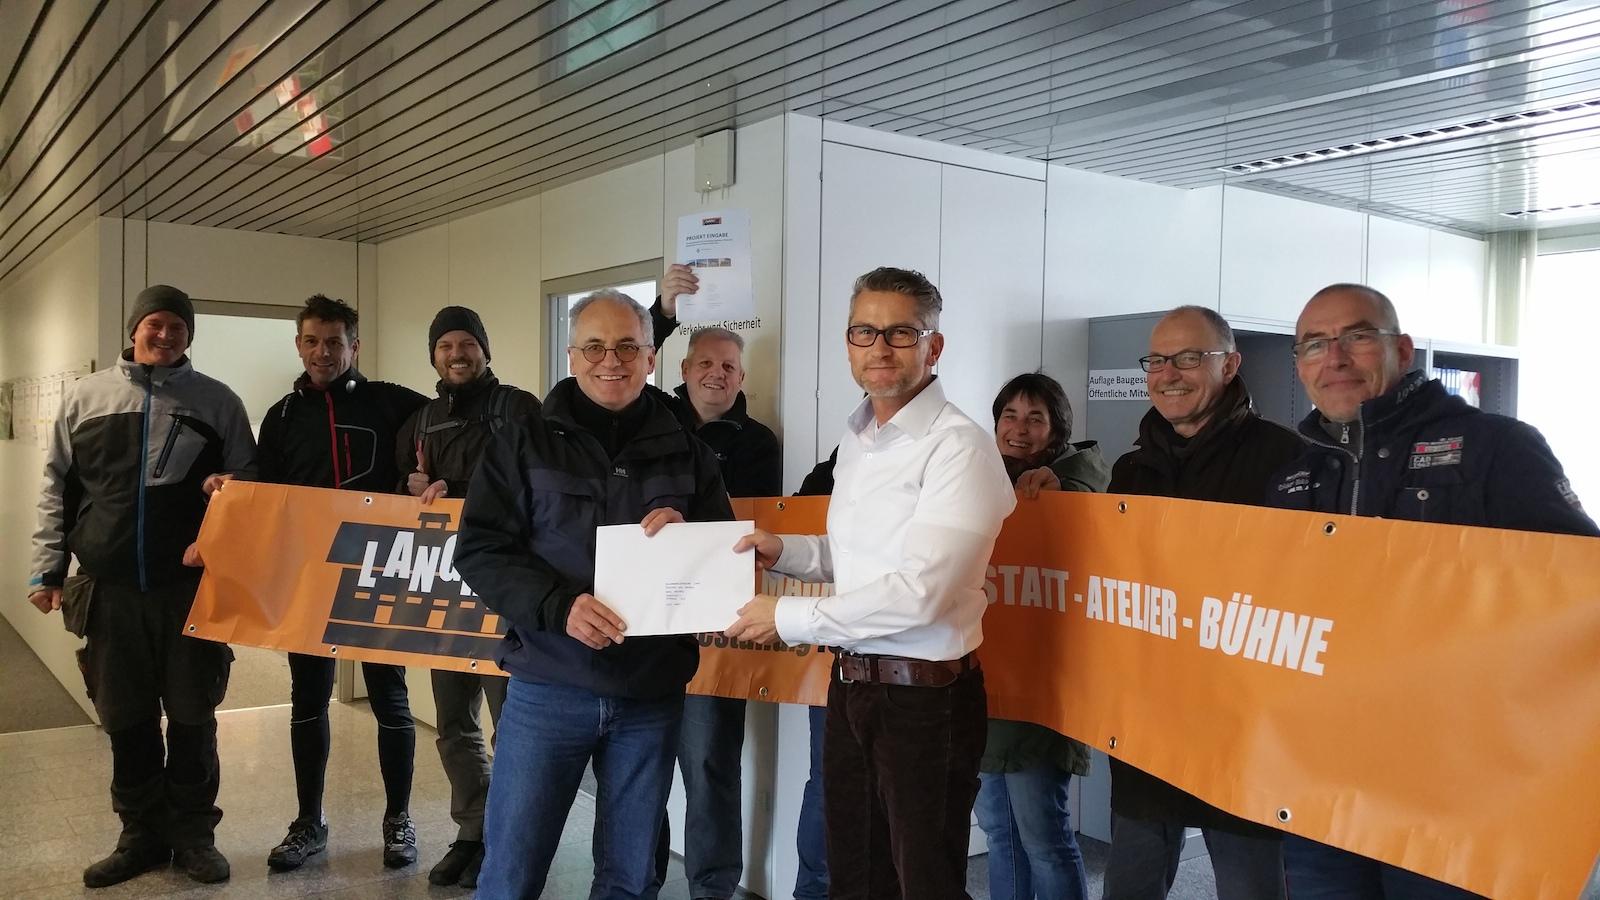 Einreichung im Mandelhof: Thomas Hauser (vorne links) übergibt Basil Stocker von der Einwohnergemeinde Cham das Langhuus-Konzept.